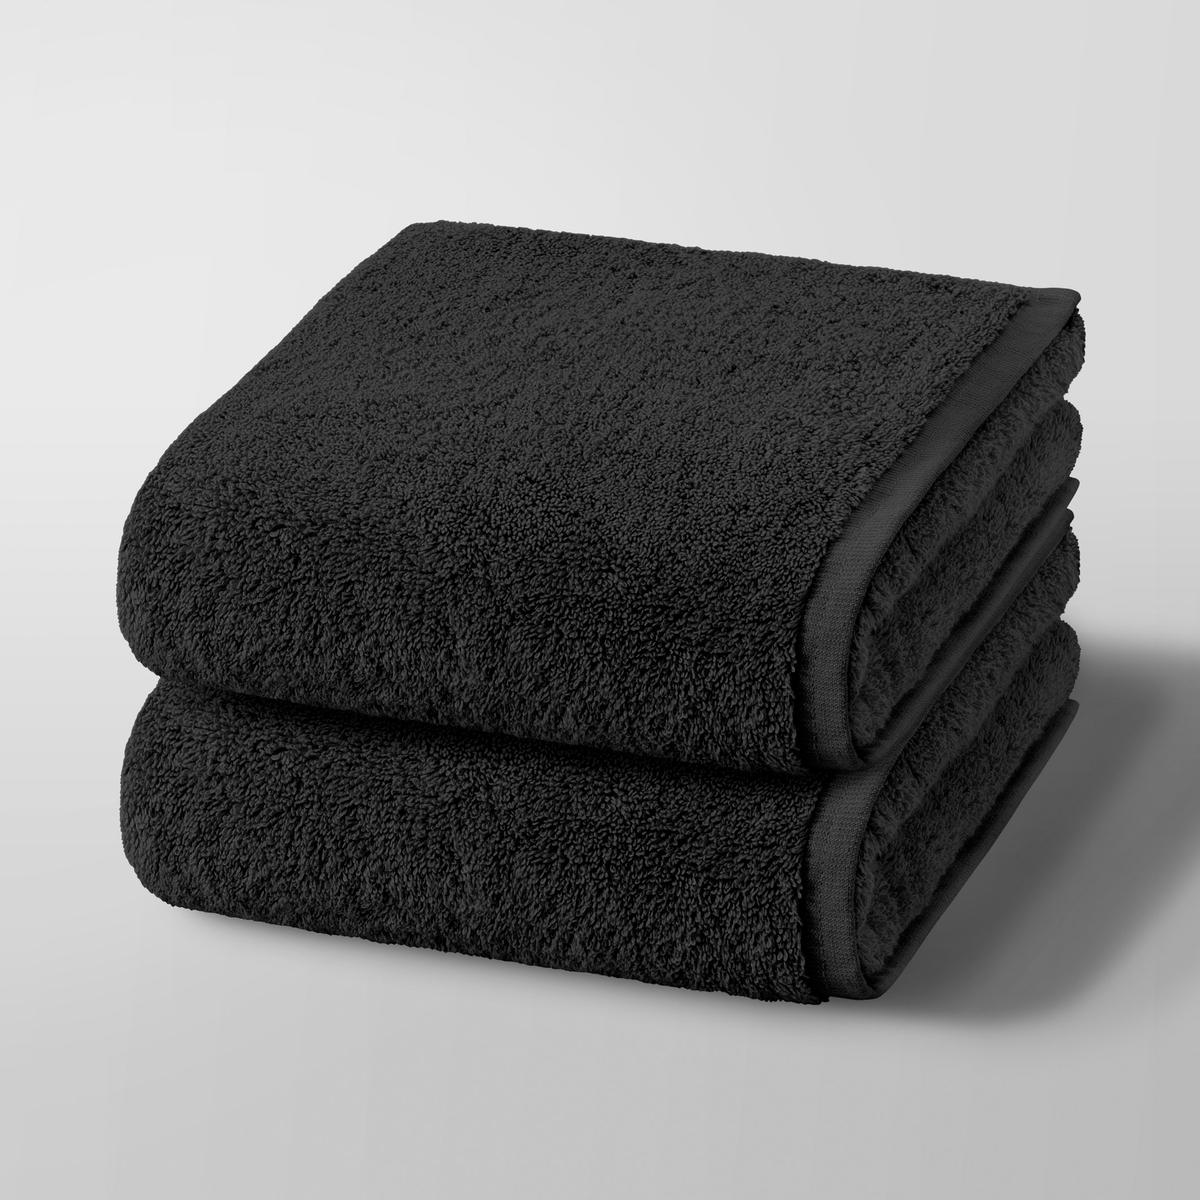 2 полотенца Gilbear, 100% хлопок<br><br>Цвет: сине-зеленый,черный<br>Размер: комплект из 2.комплект из 2